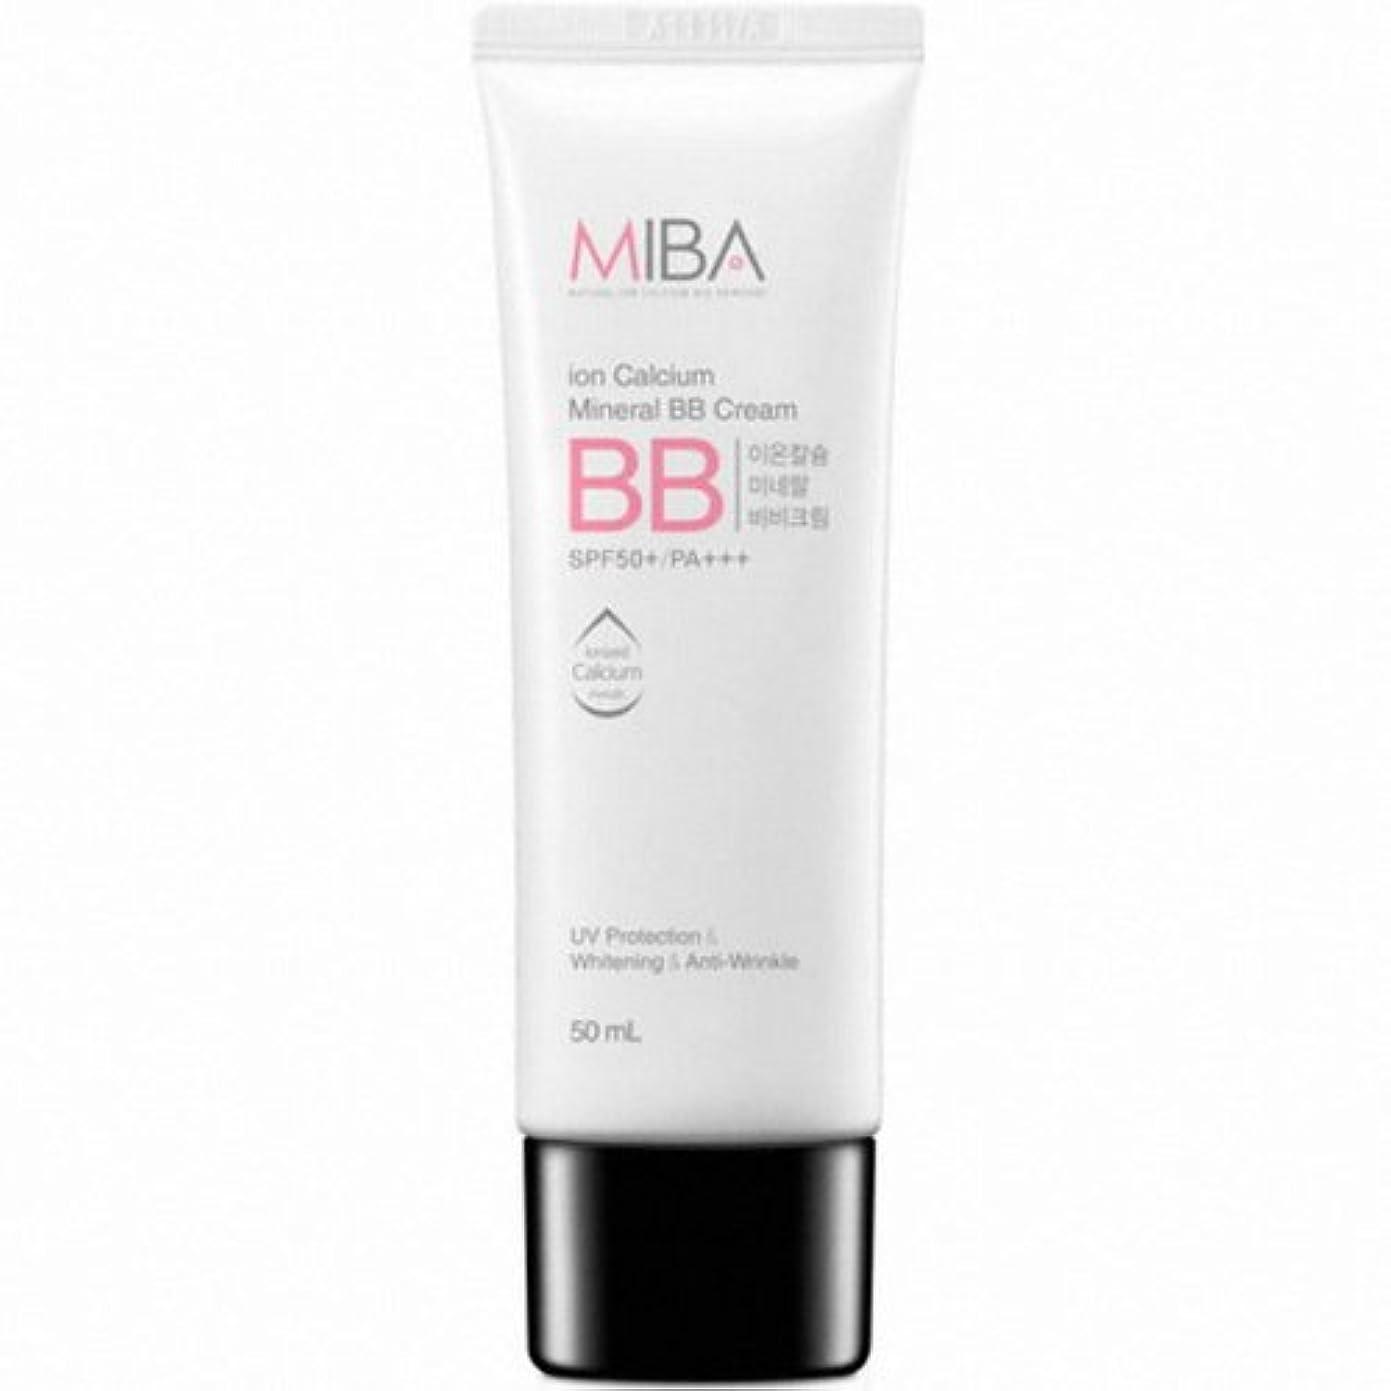 内部誤解する実行するMINERALBIO (ミネラルバイオ) ミバ イオン カルシウム ミネラル ビビクリーム / MIBA Ion Calcium Mineral BB Cream (50ml) [並行輸入品]